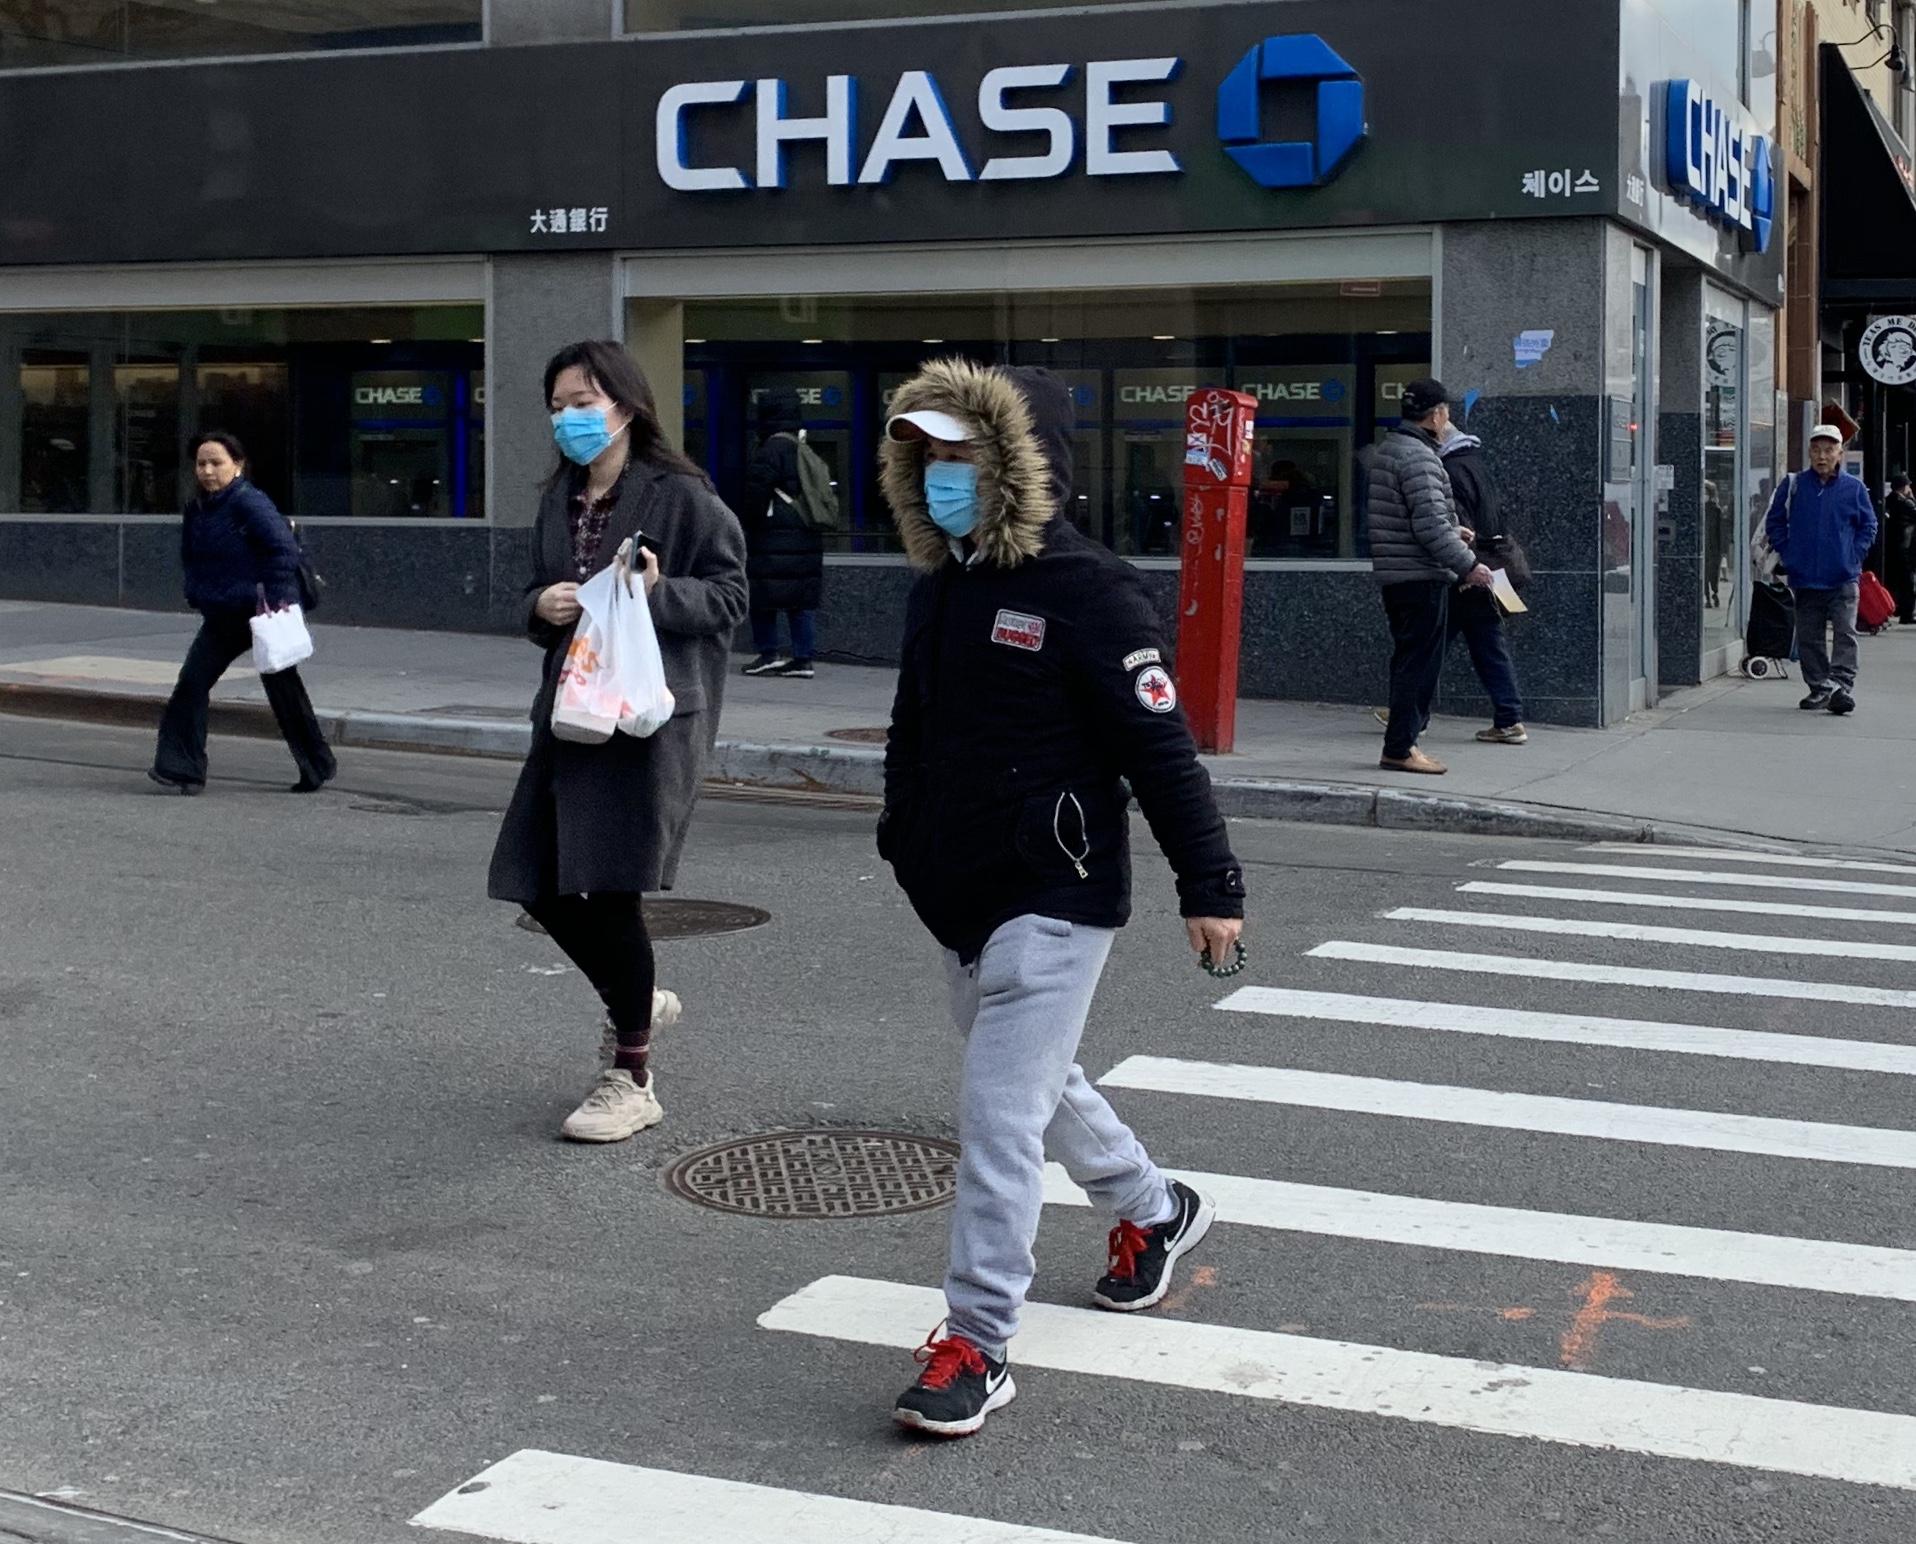 紐約再現2患者 武漢肺炎疑似病例增至3宗